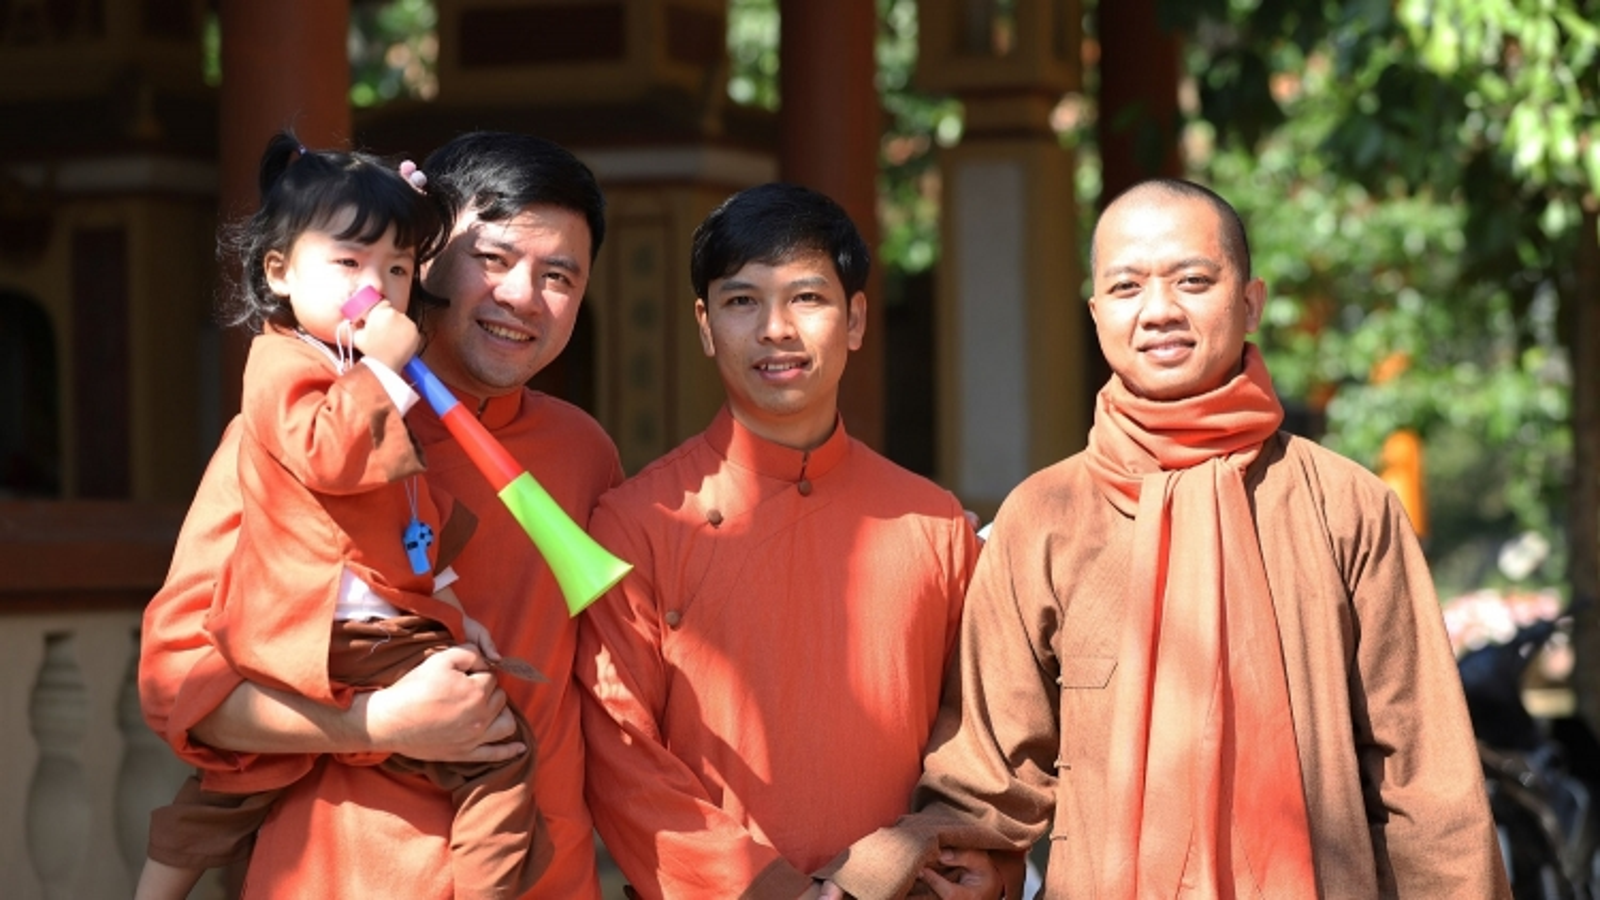 Mùng 3 Tết, người dân Thừa Thiên Huế lên chùa lễ Phật cầu an